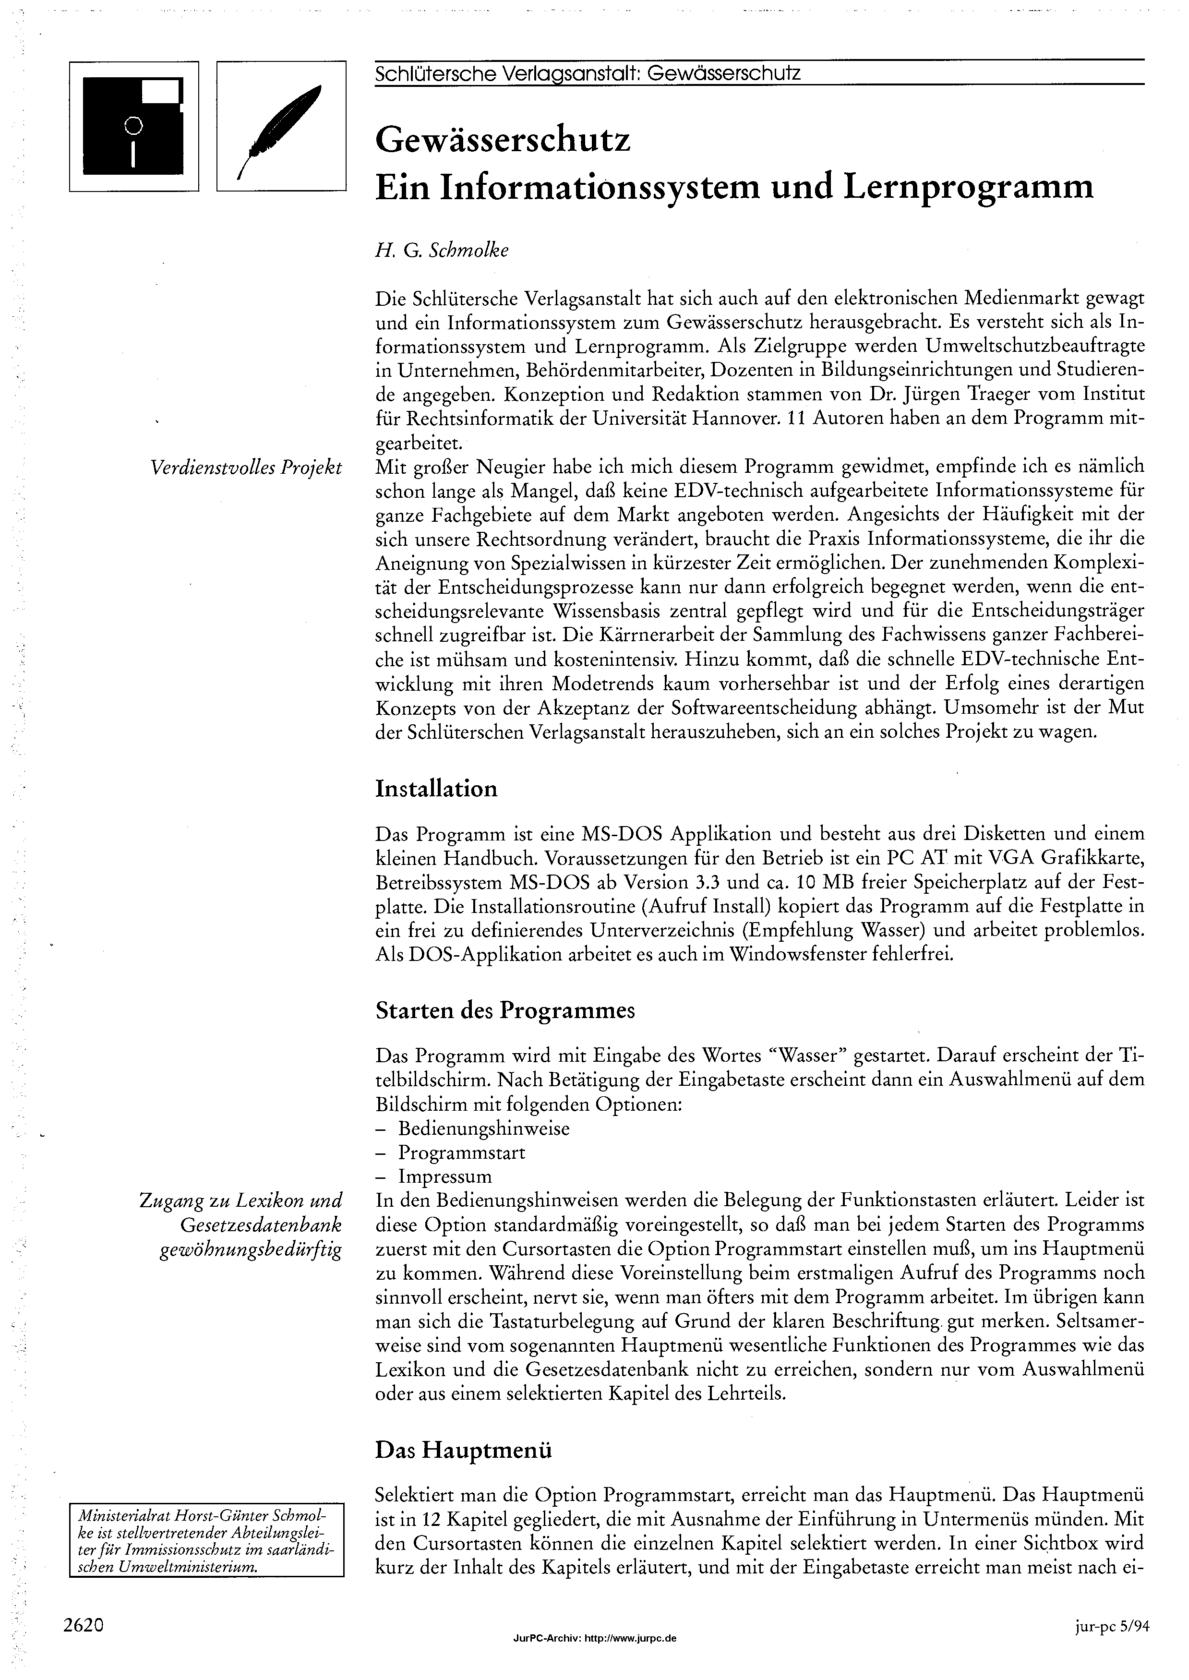 Schmolke, Horst-Günter, Gewässerschutz - Ein Informationssystem und